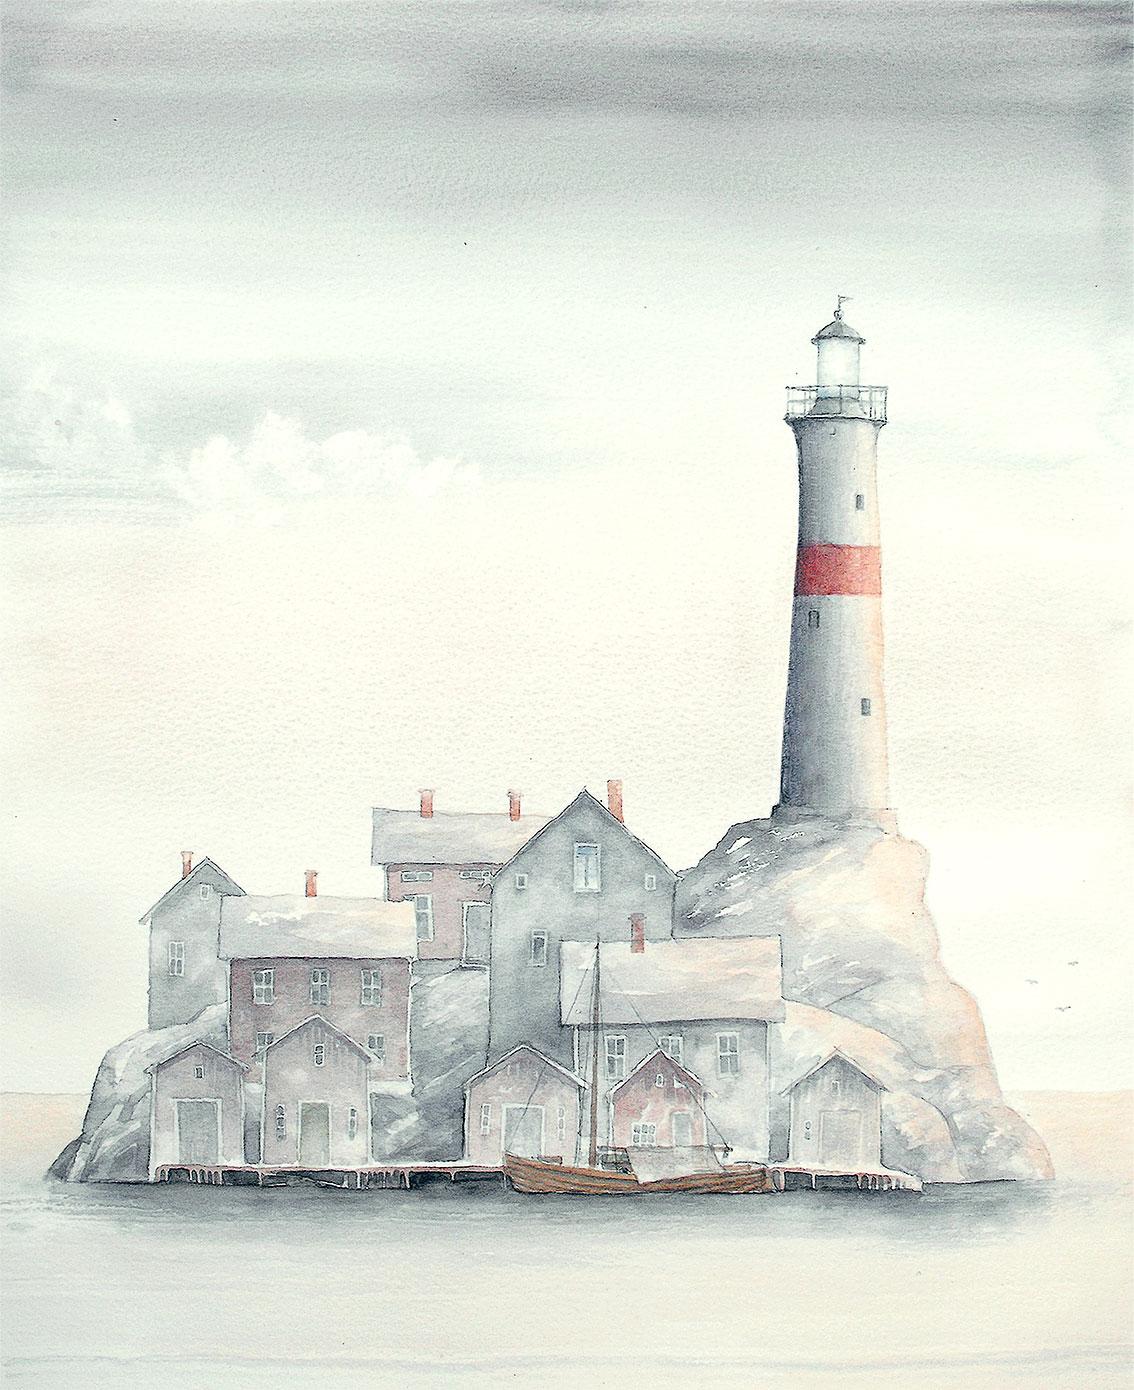 Infrusen dröm Giclée/FineArt 29 x 35 cm 800 : –/blad